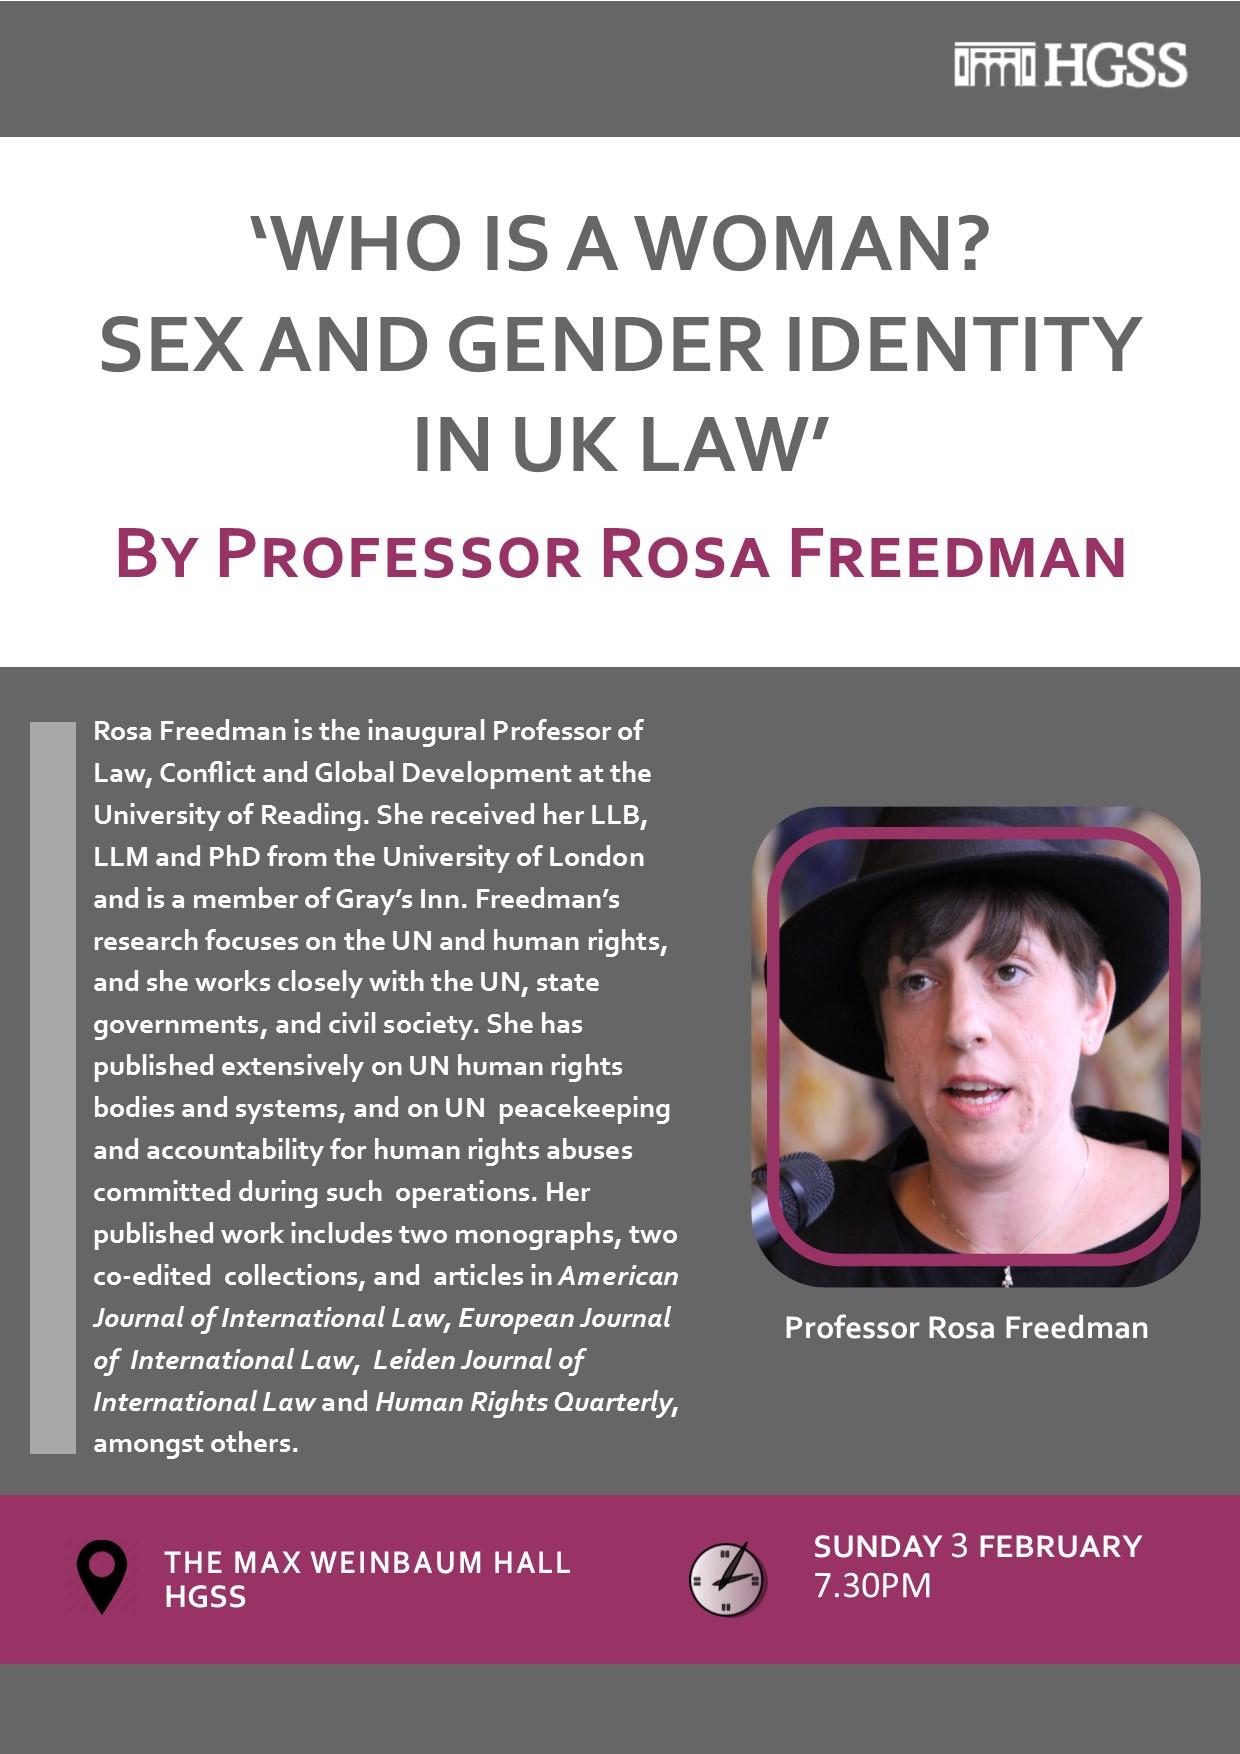 Rosa Freedman @ HGSS @ Max Weinbaum Hall